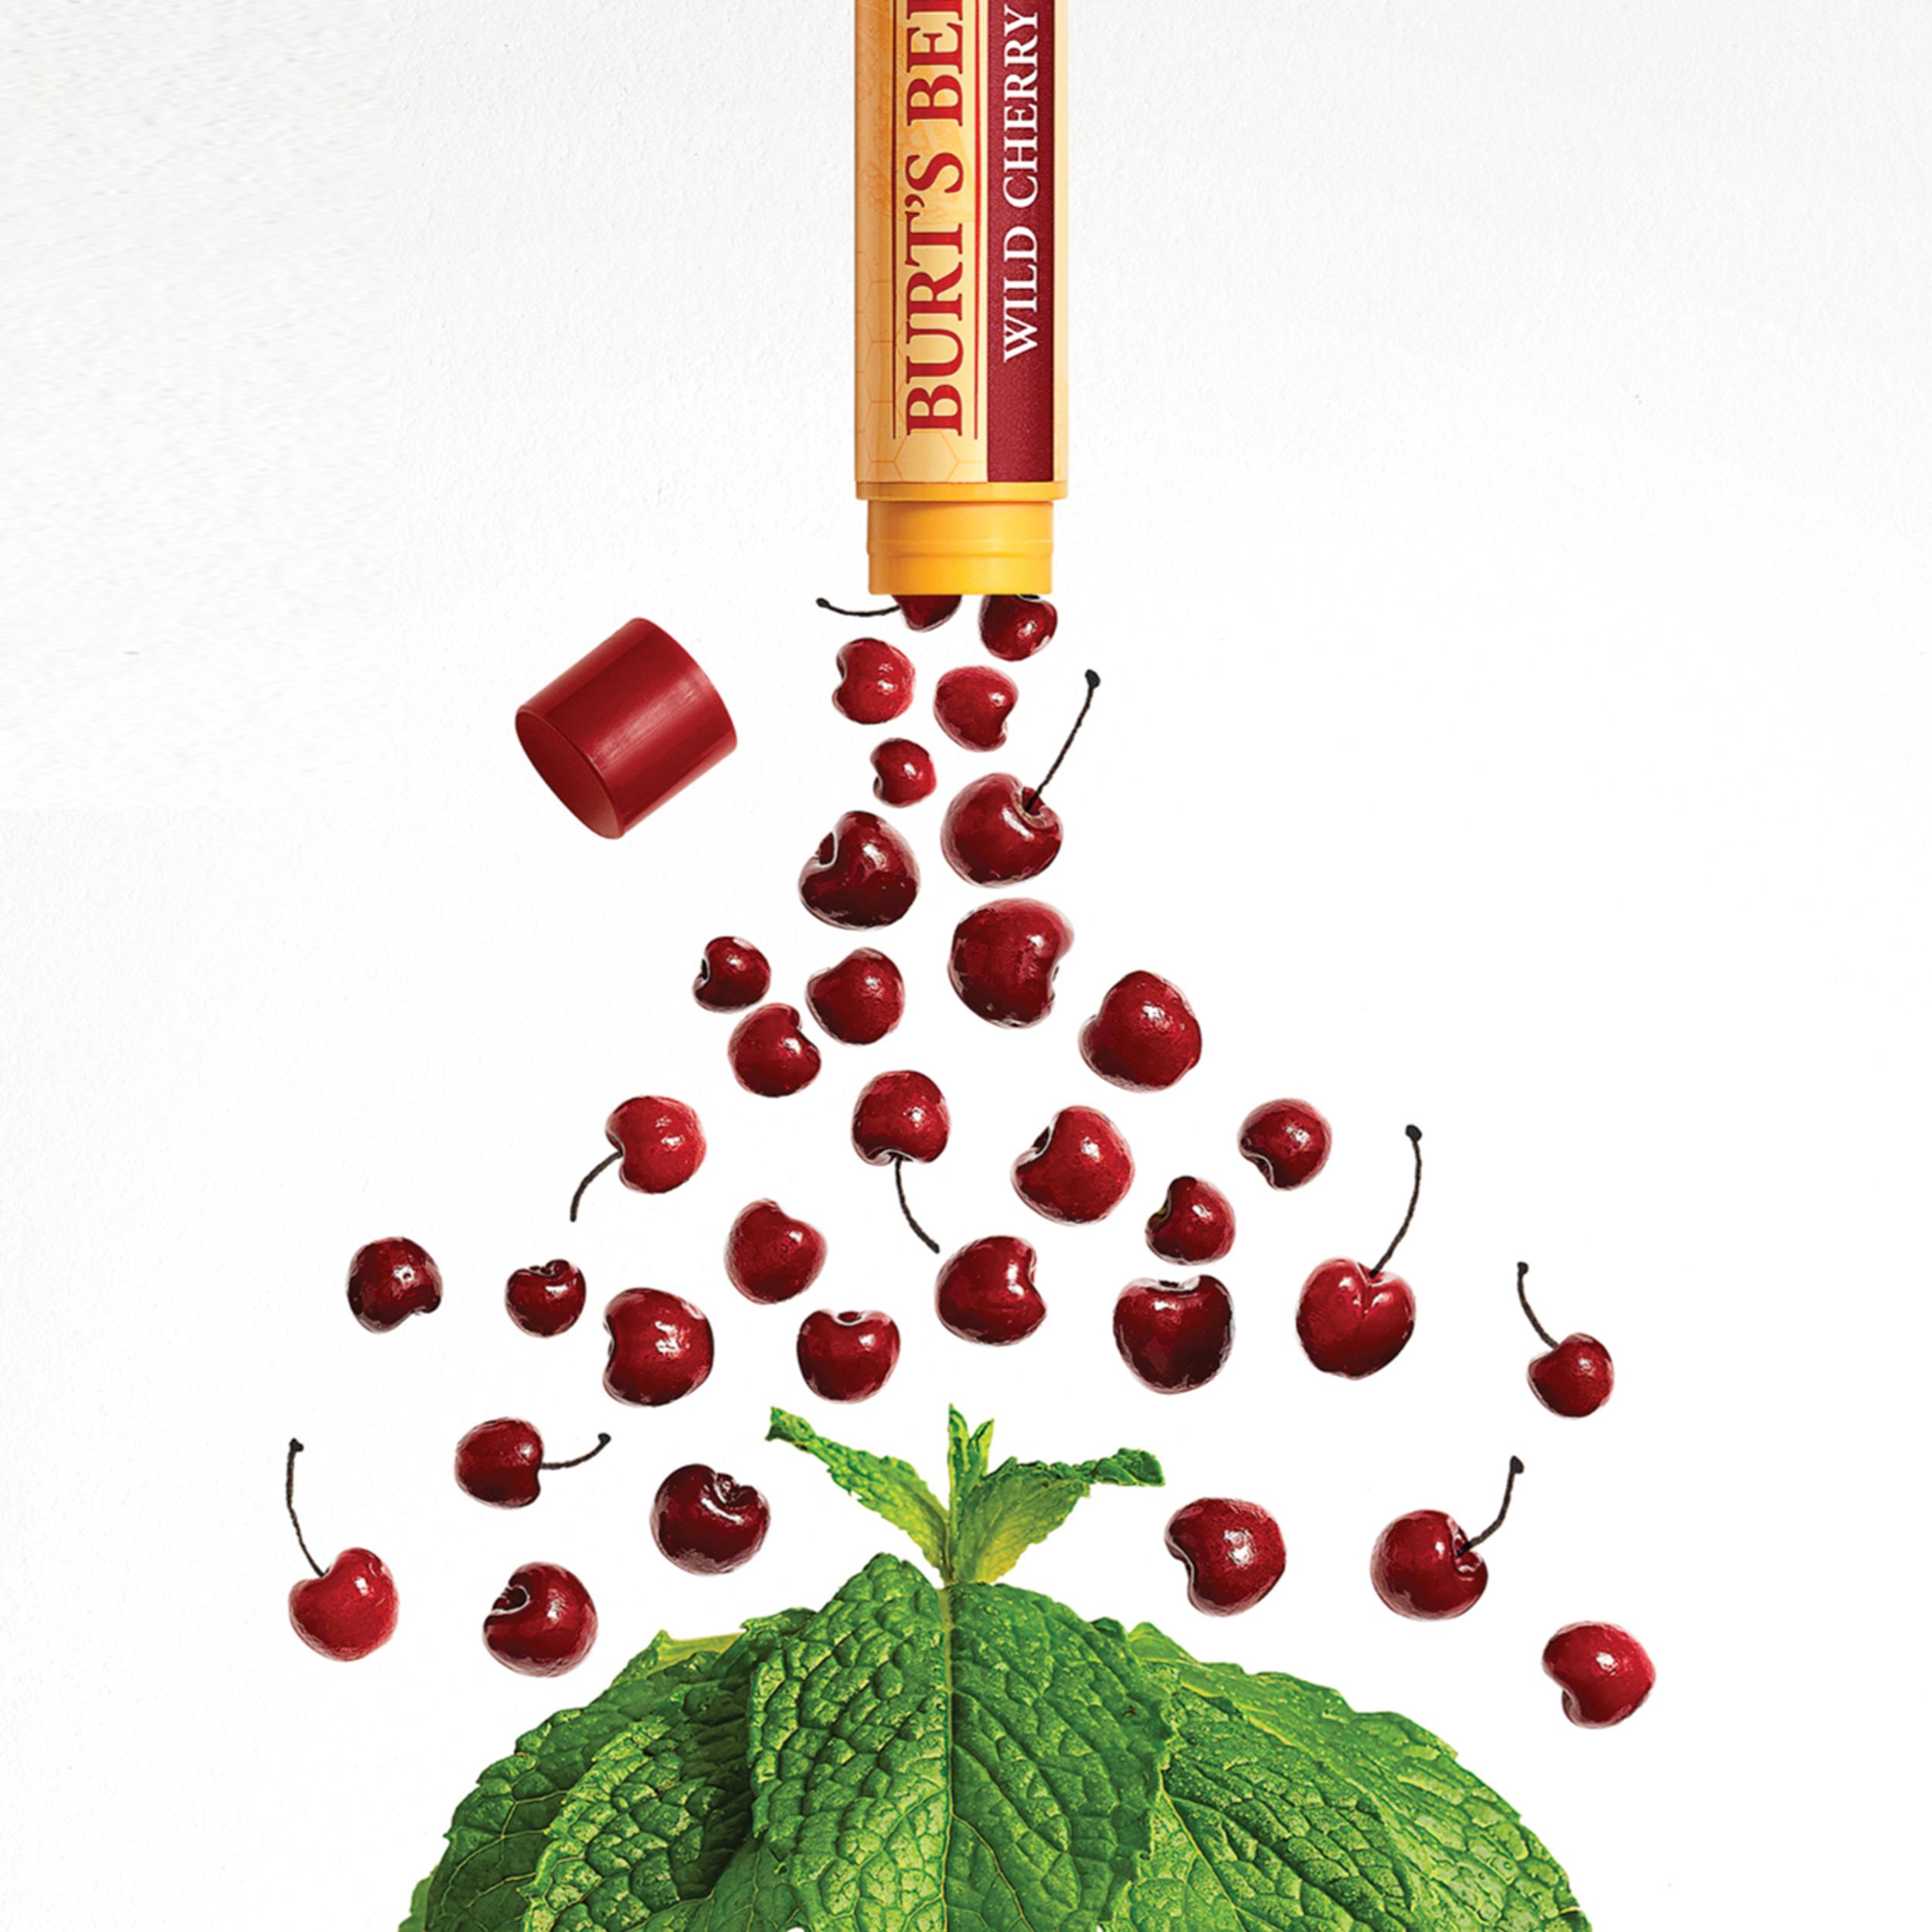 Burt's Bees—Uncap Flavor